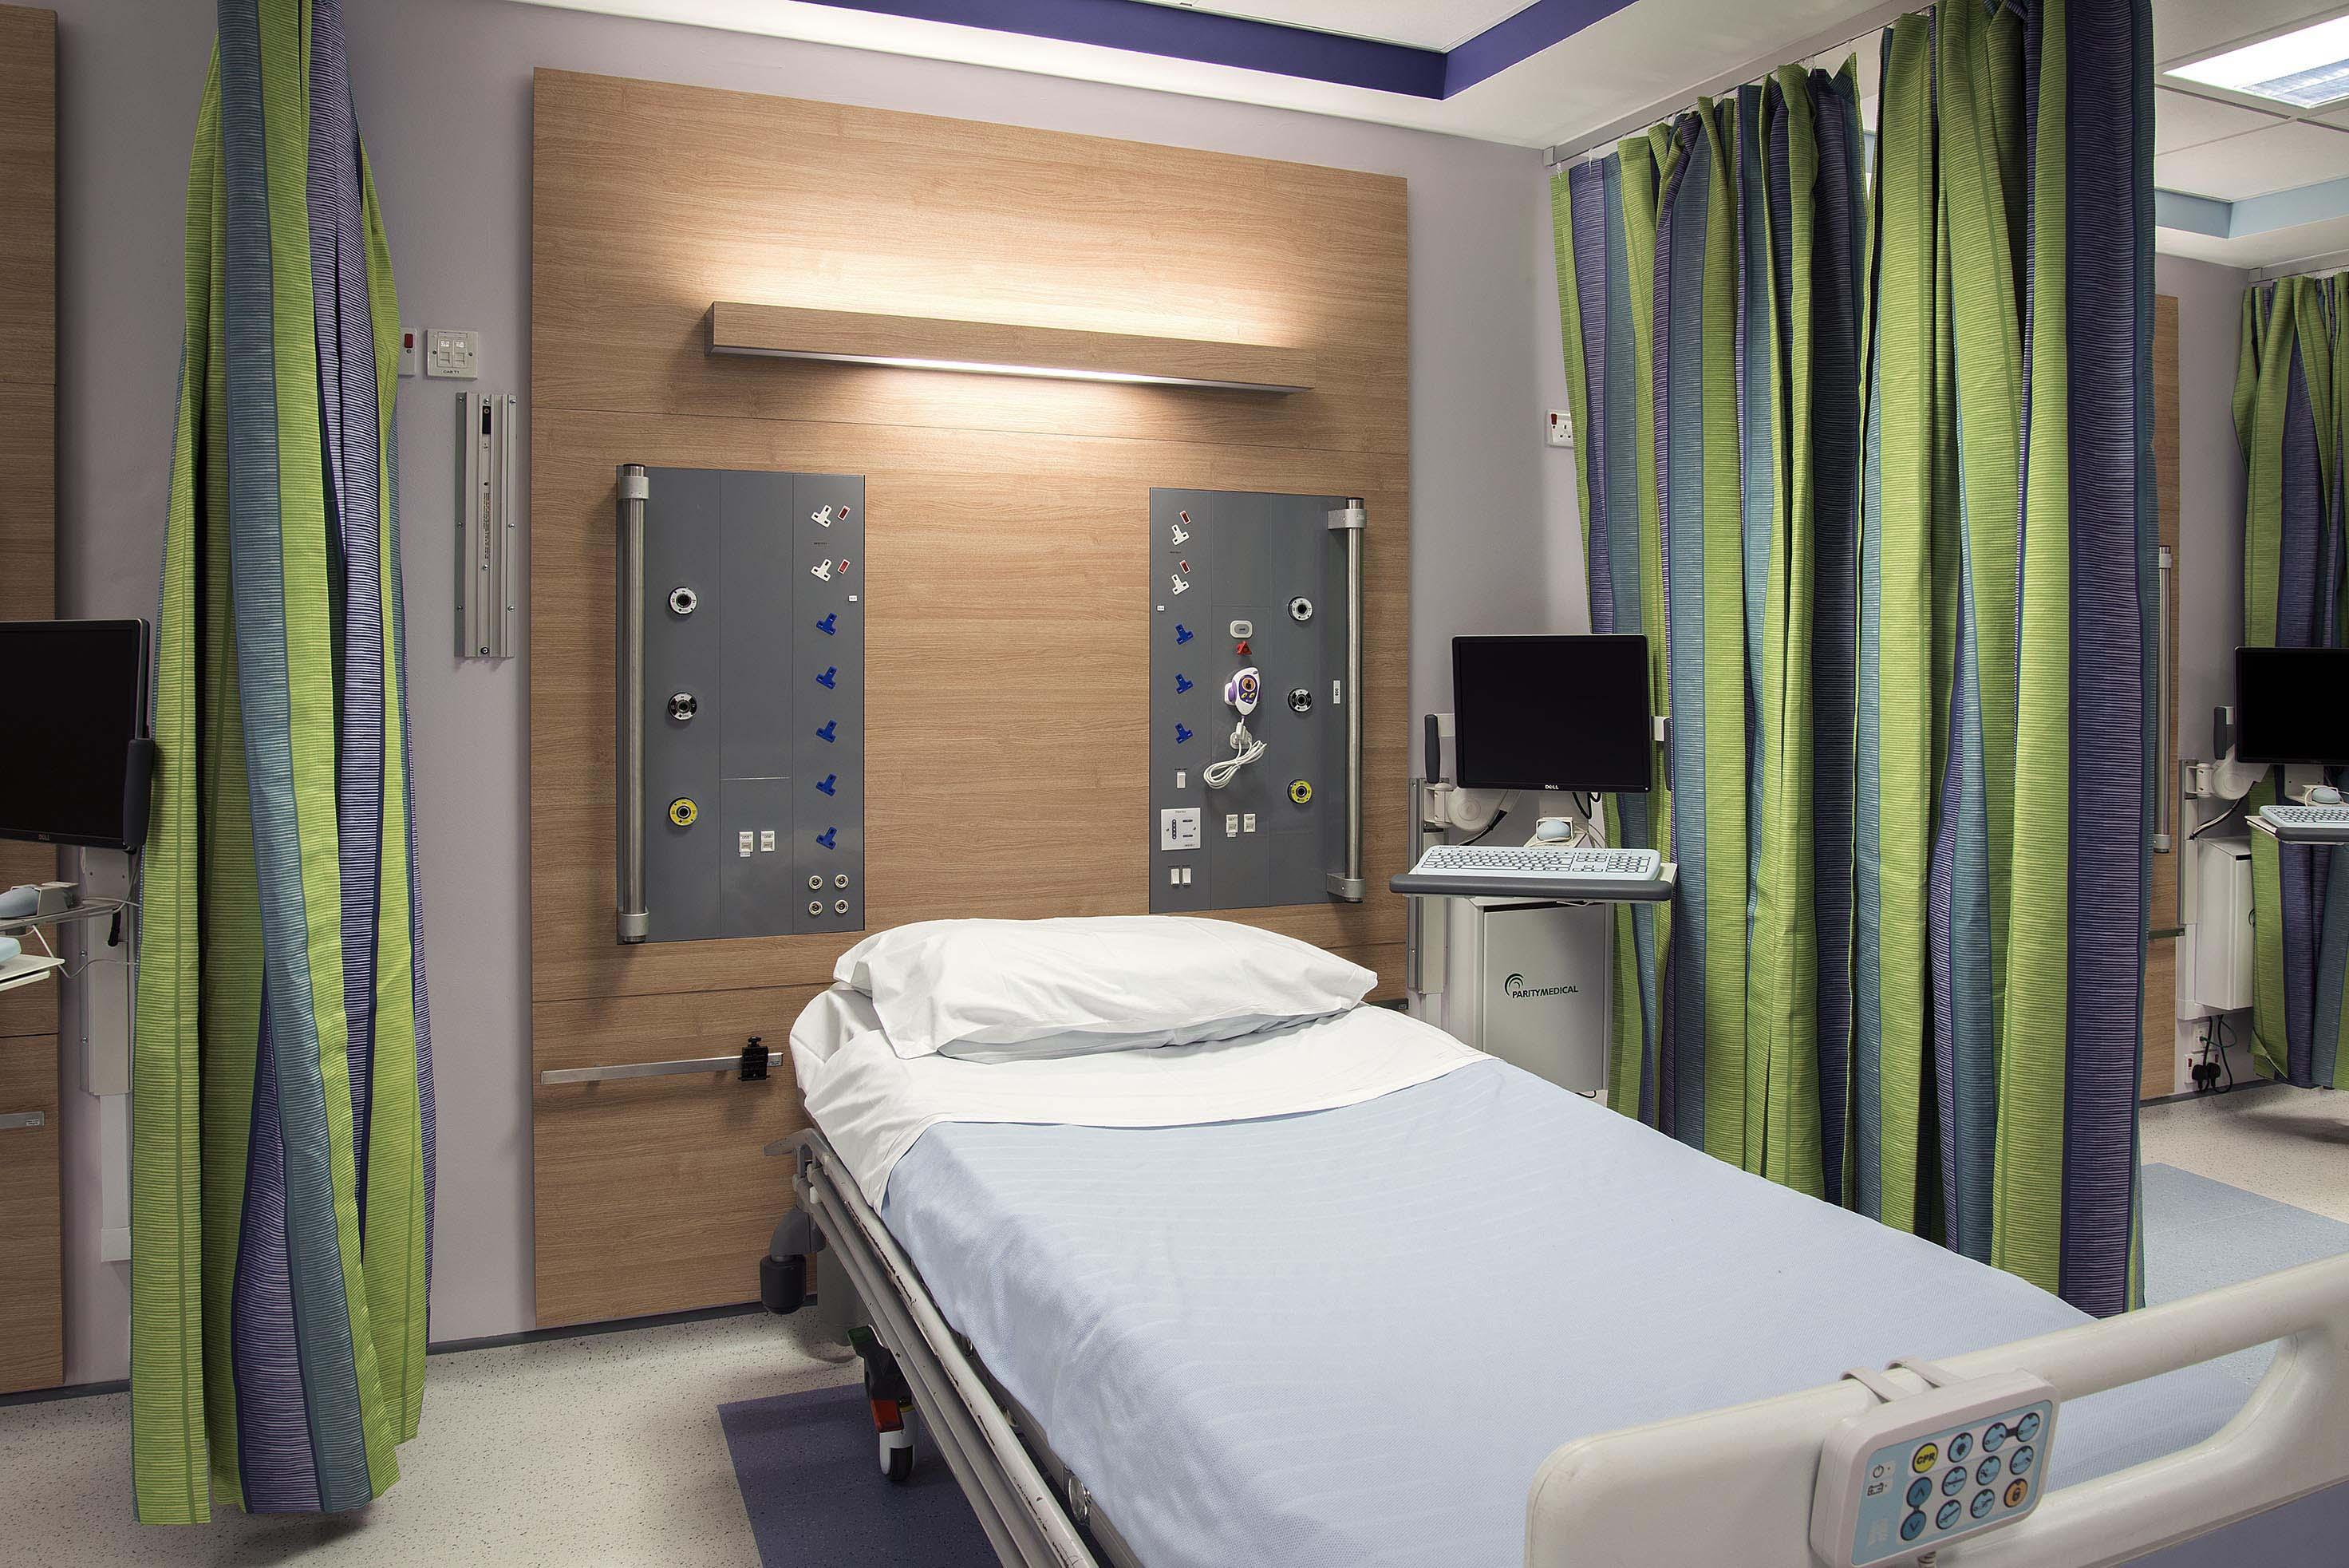 LiP Medical Milan Bedhead 7